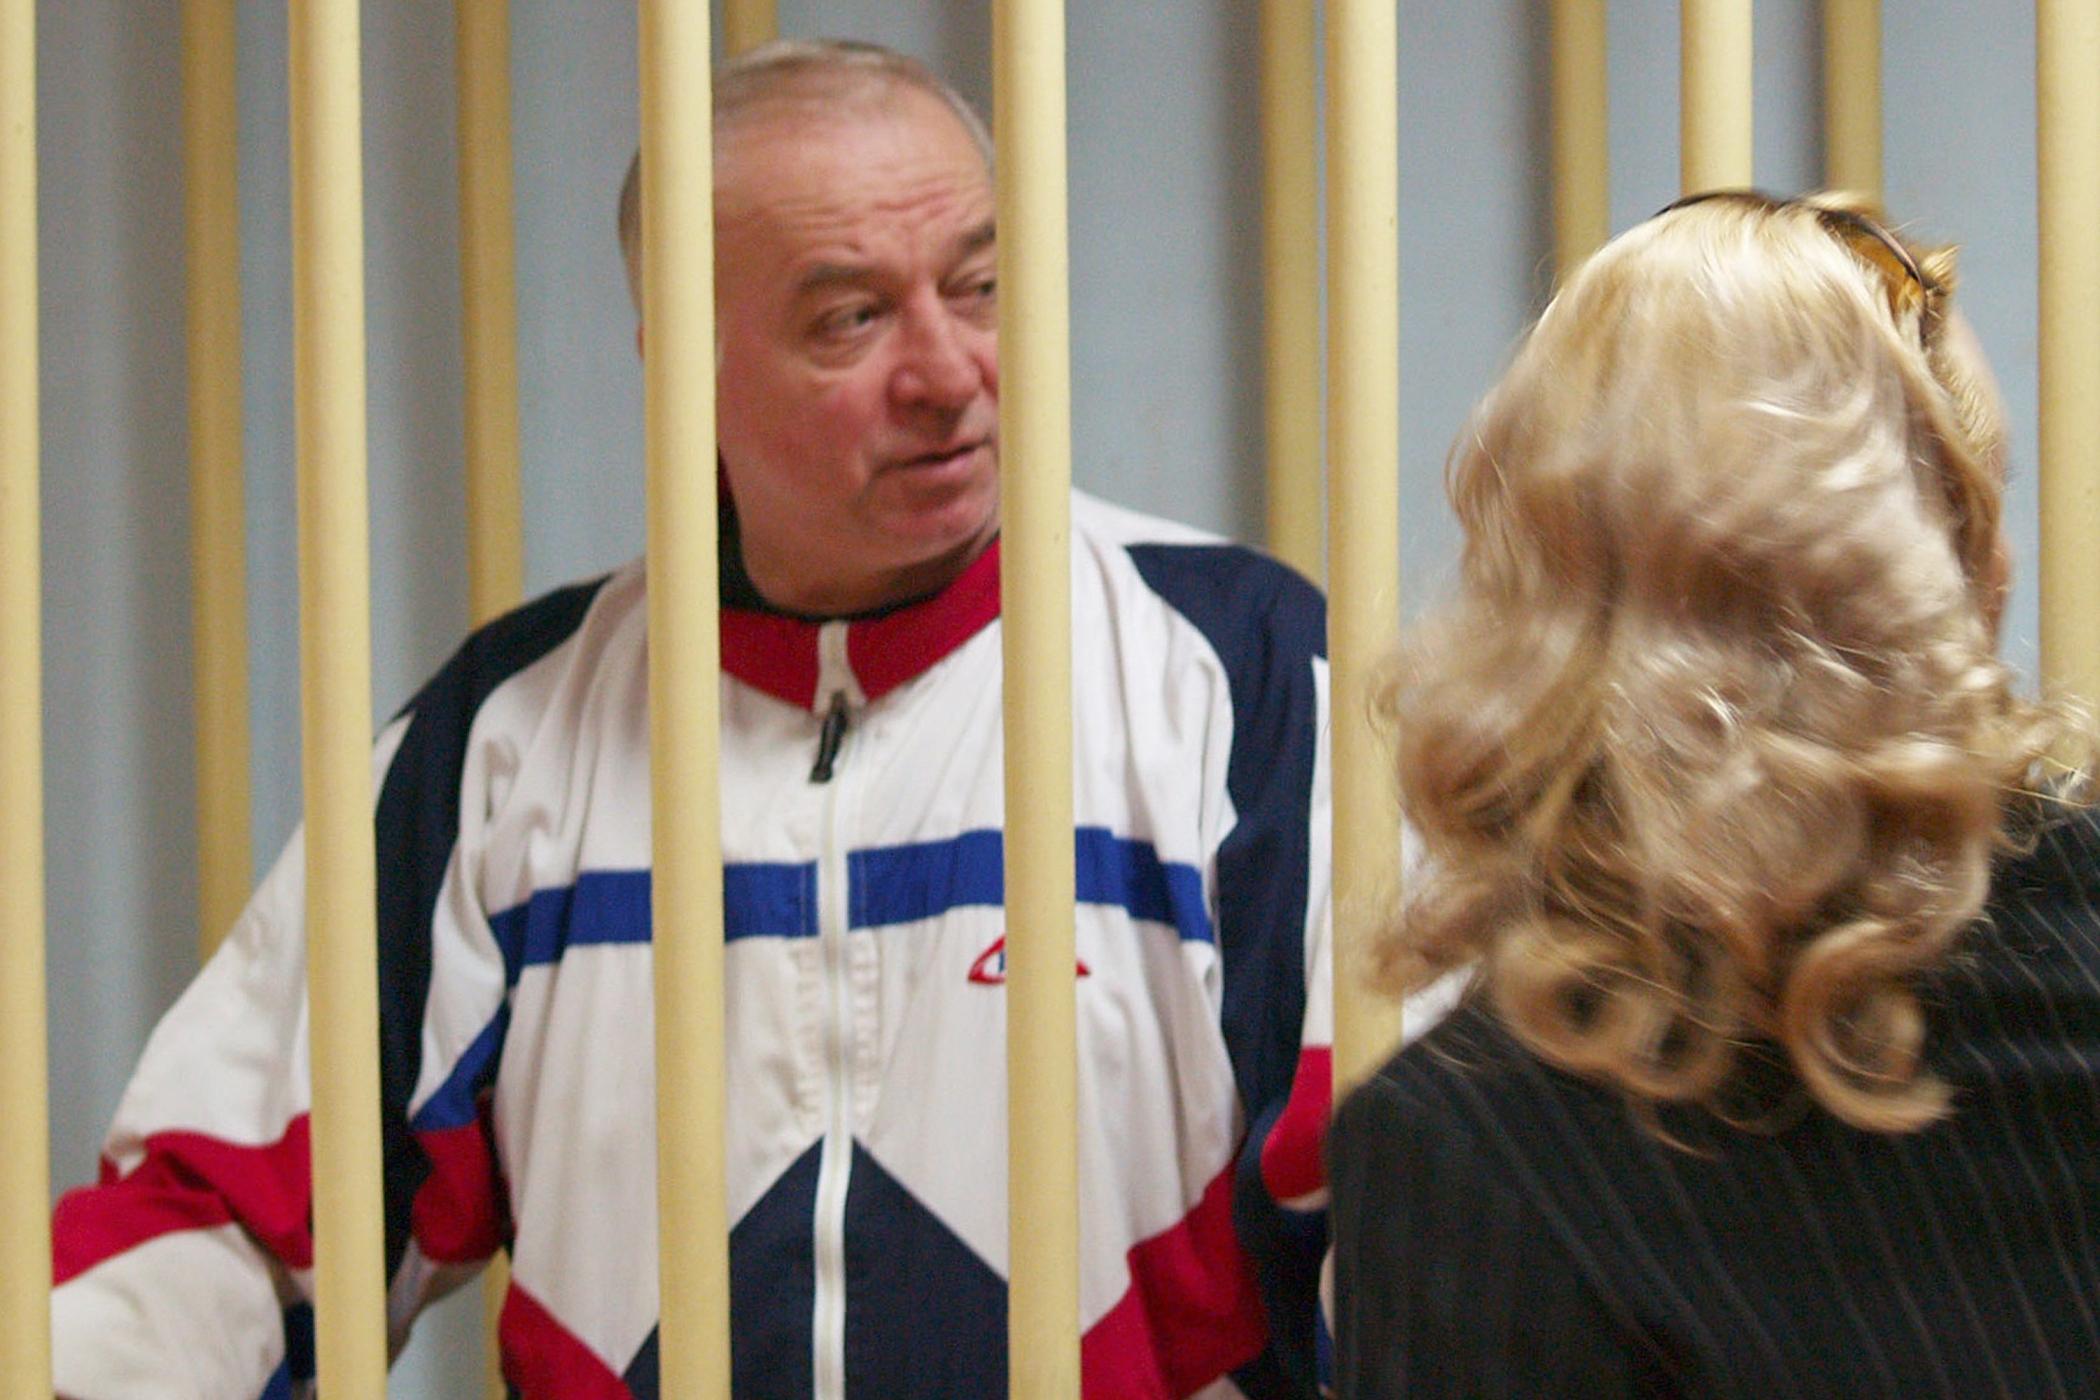 Bývalý ruský agent Sergej Skripal, otrávený letos v Británii, během soudu v Moskvě v roce 2006